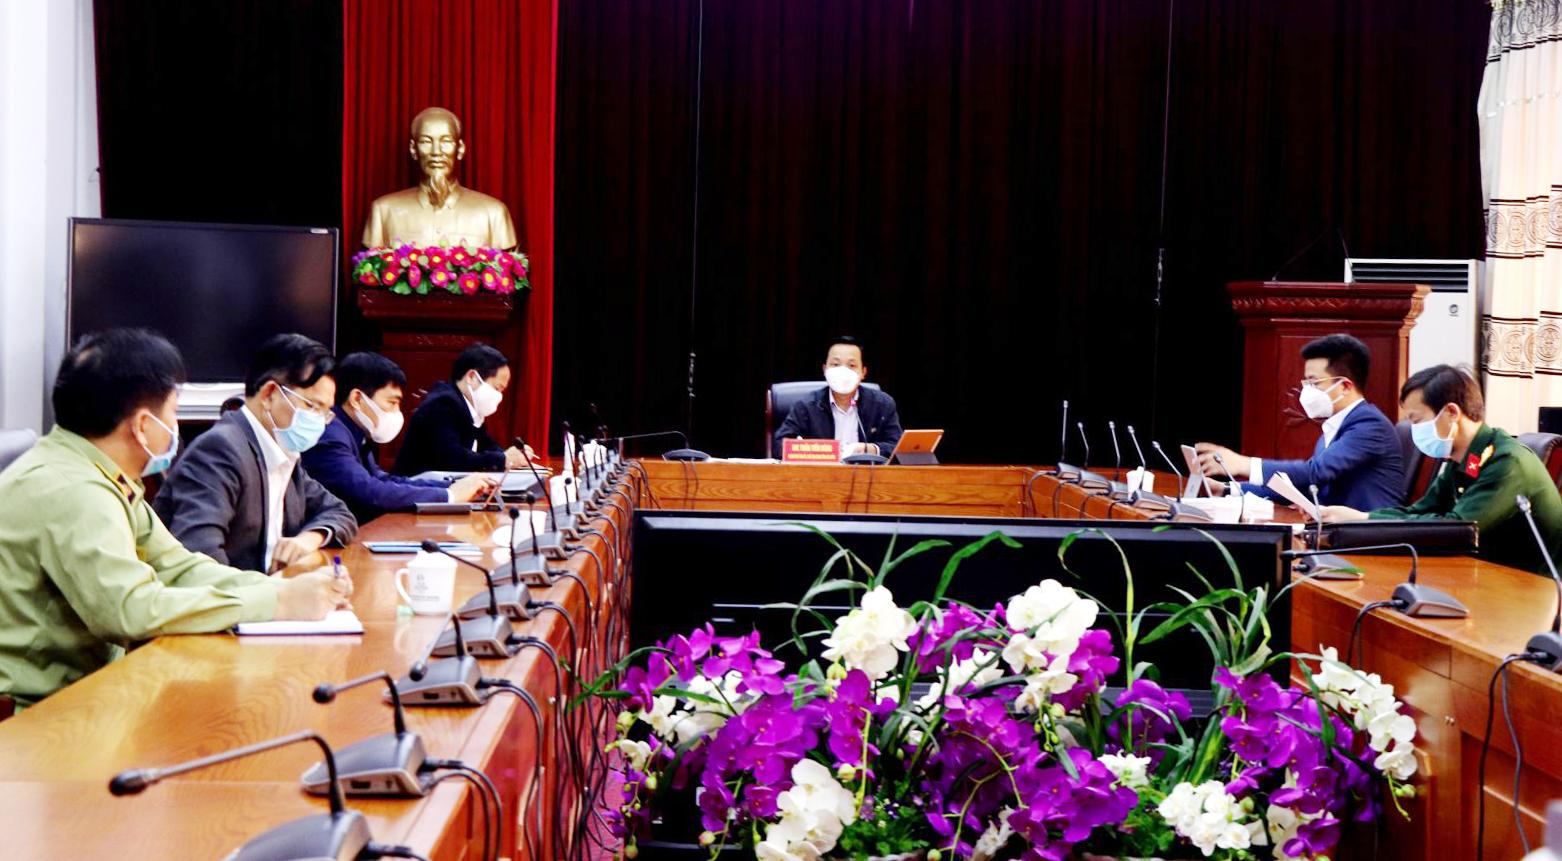 Kết luận của đồng chí Trần Tiến Dũng – Phó Bí thư Tỉnh ủy, Chủ tịch UBND tỉnh, Trưởng Ban Chỉ đạo phòng, chống dịch bệnh Covid-19 tỉnh tại cuộc họp Ban Chỉ đạo ngày 26/3/2020